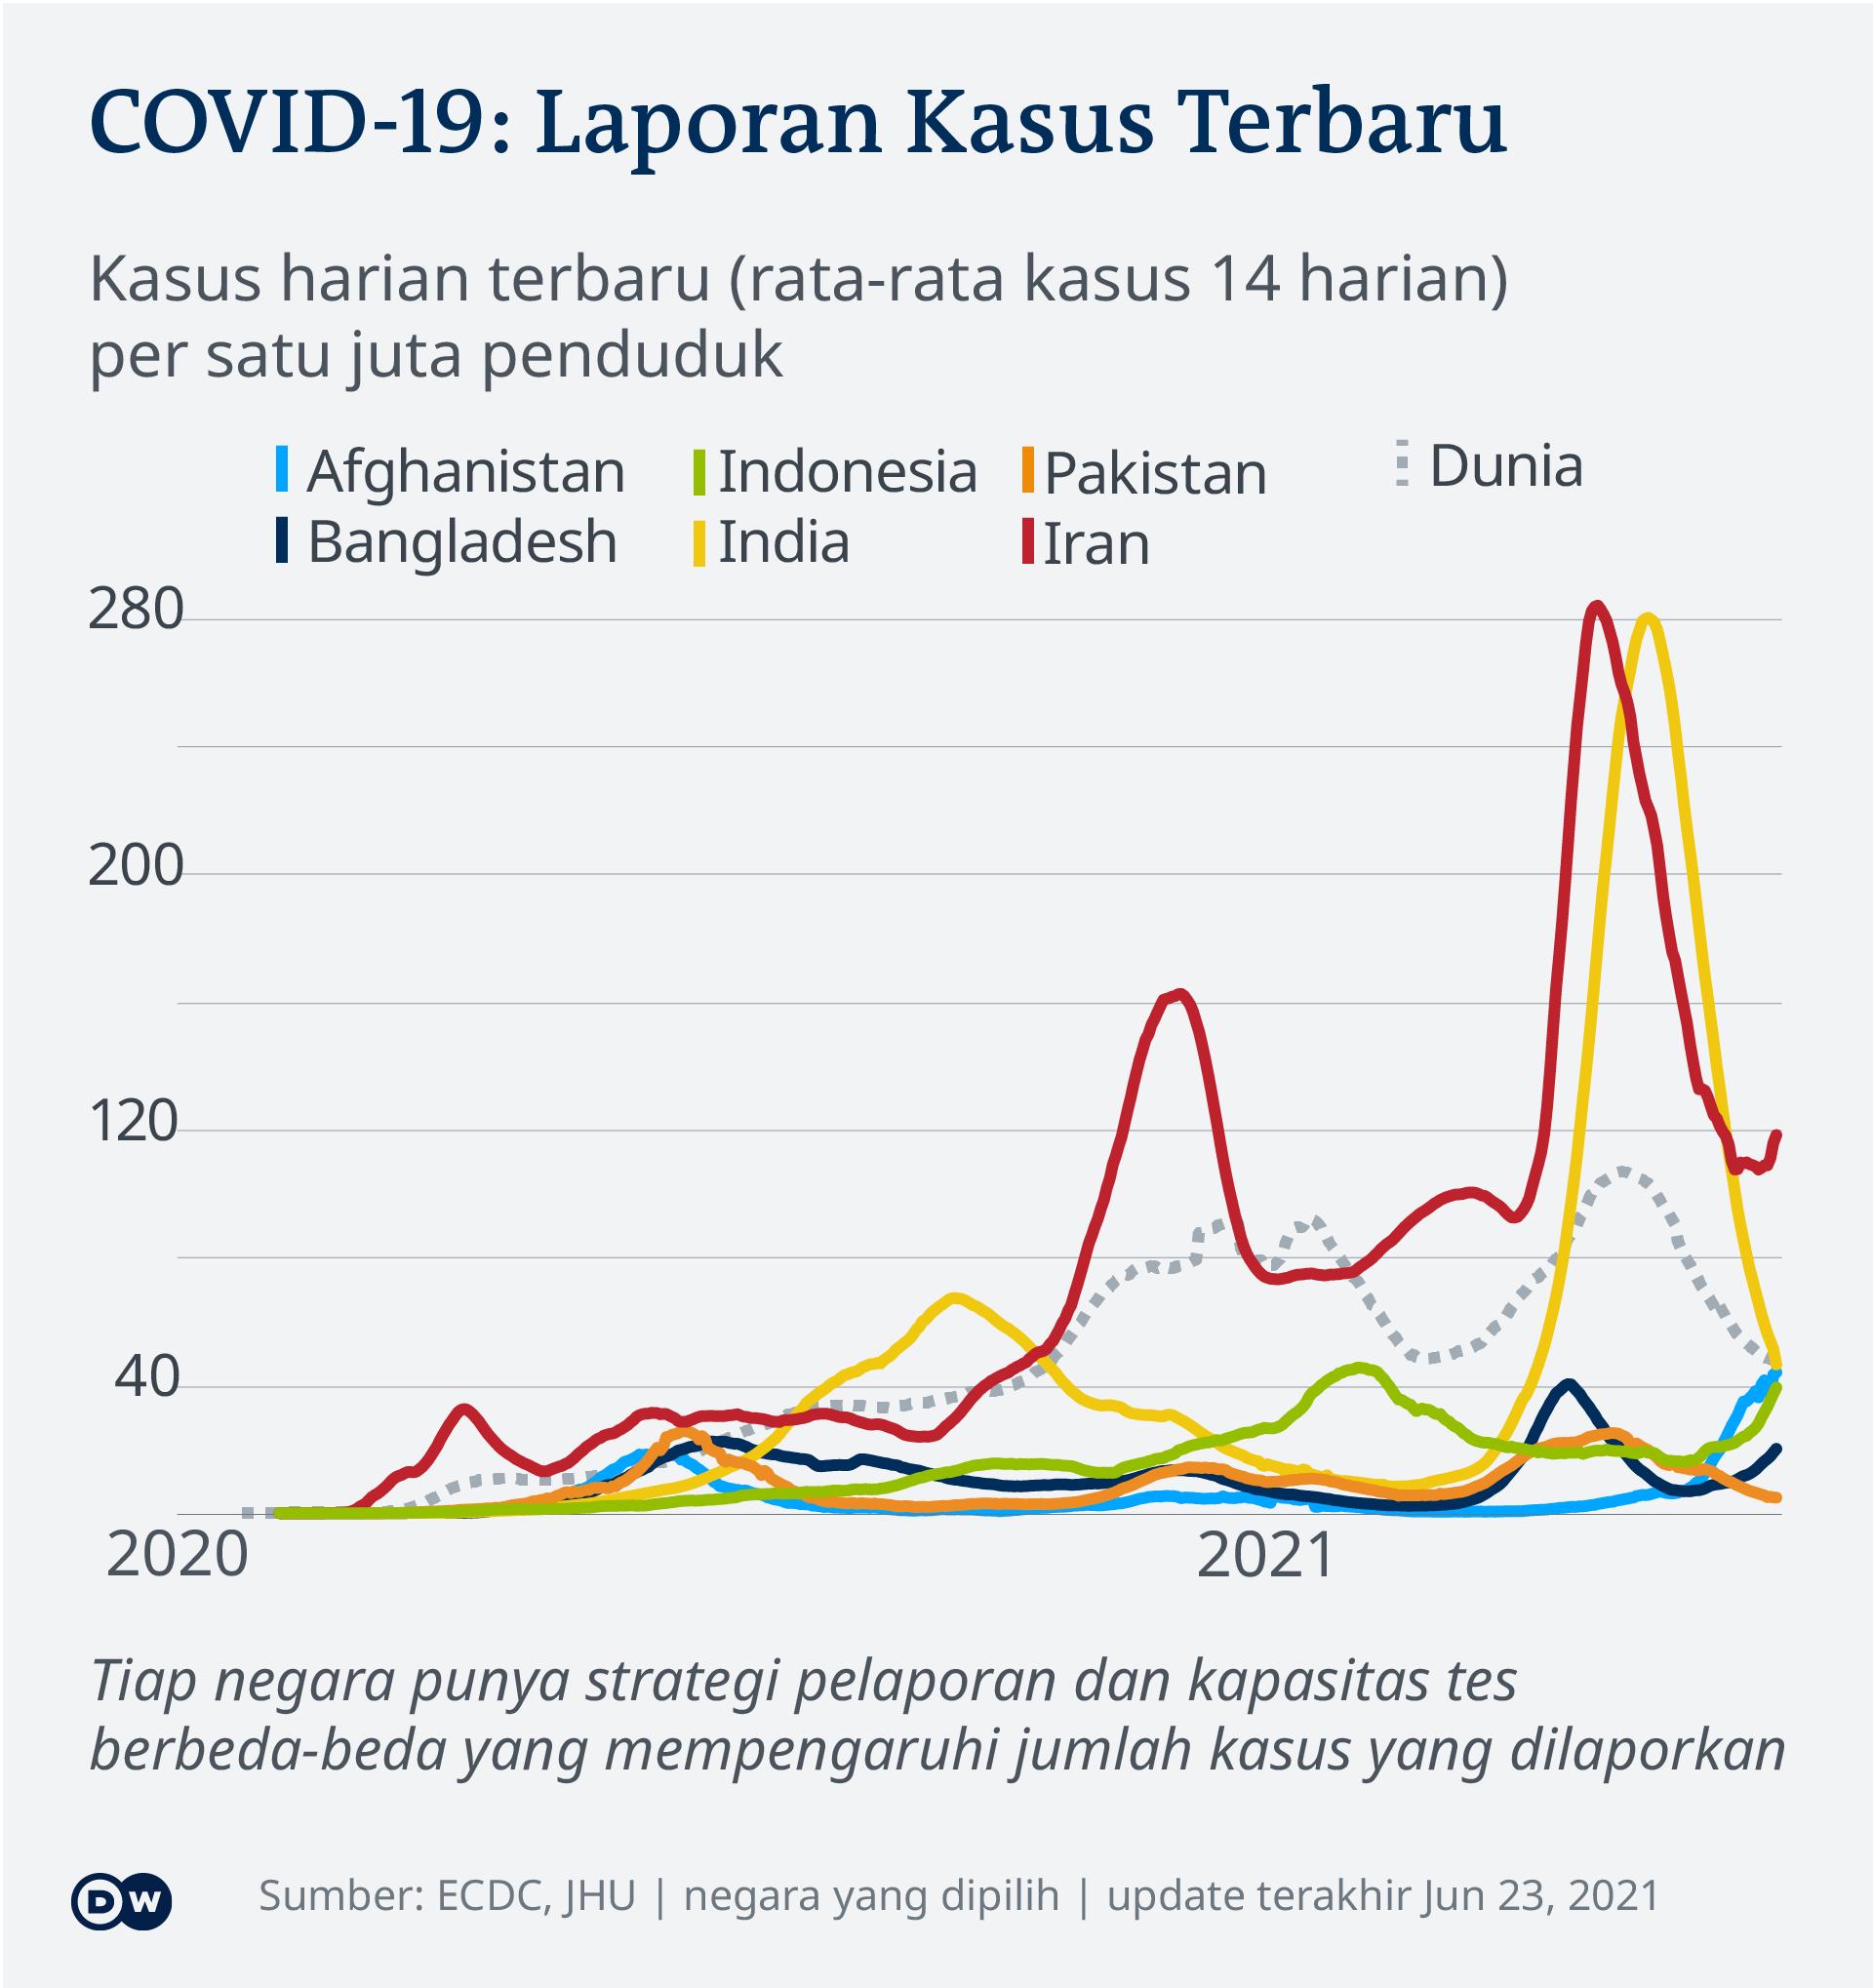 Data kasus harian terbaru COVID-19 di beberapa negara Asia tiap satu juta penduduk